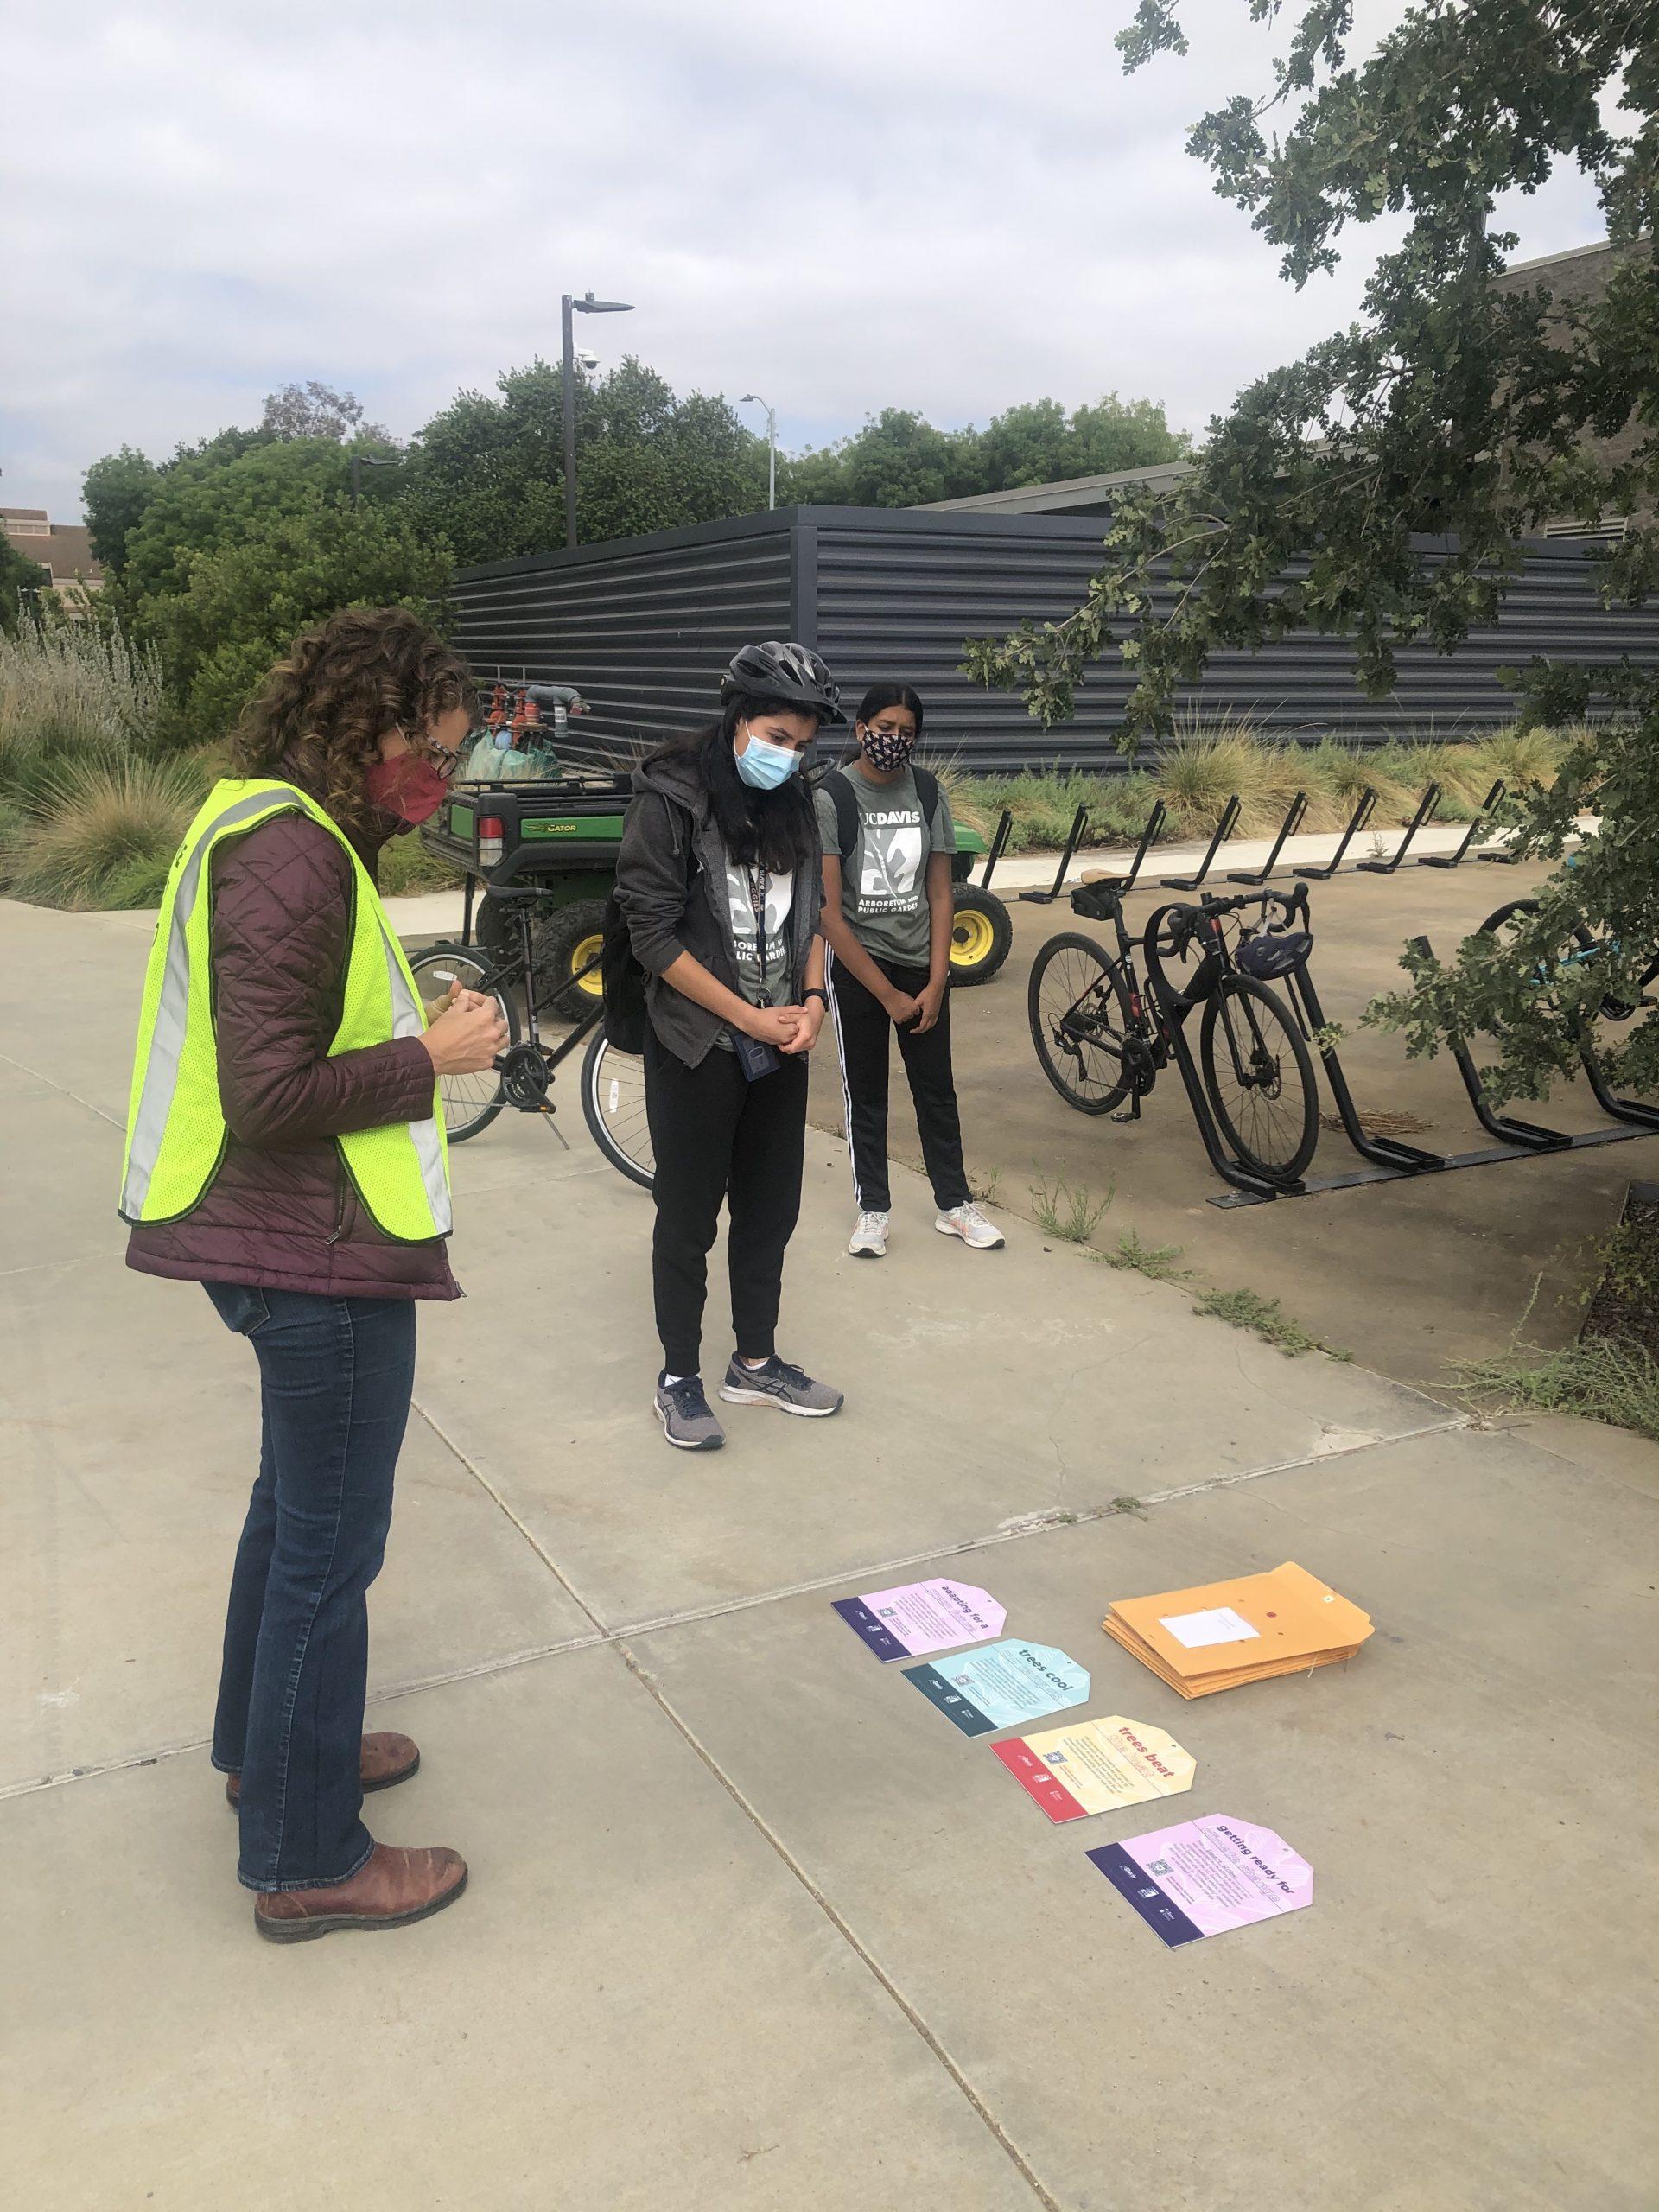 Image of UCDAPG interns tagging